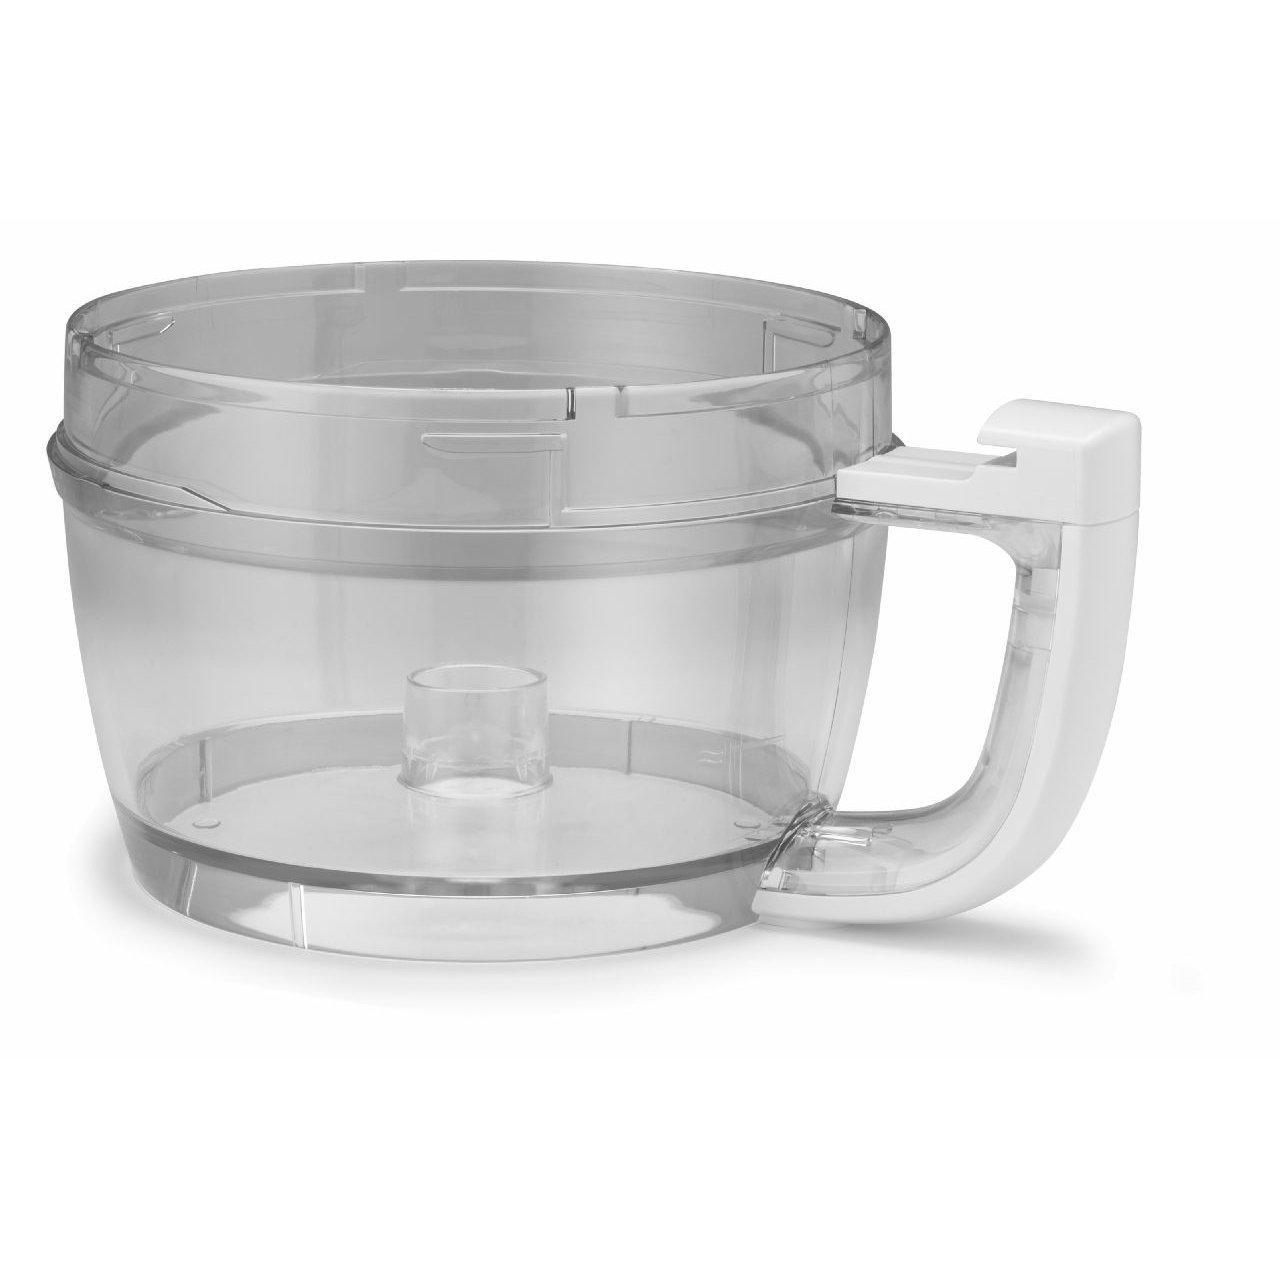 KitchenAid 9-Cup Food Processor Work Bowl